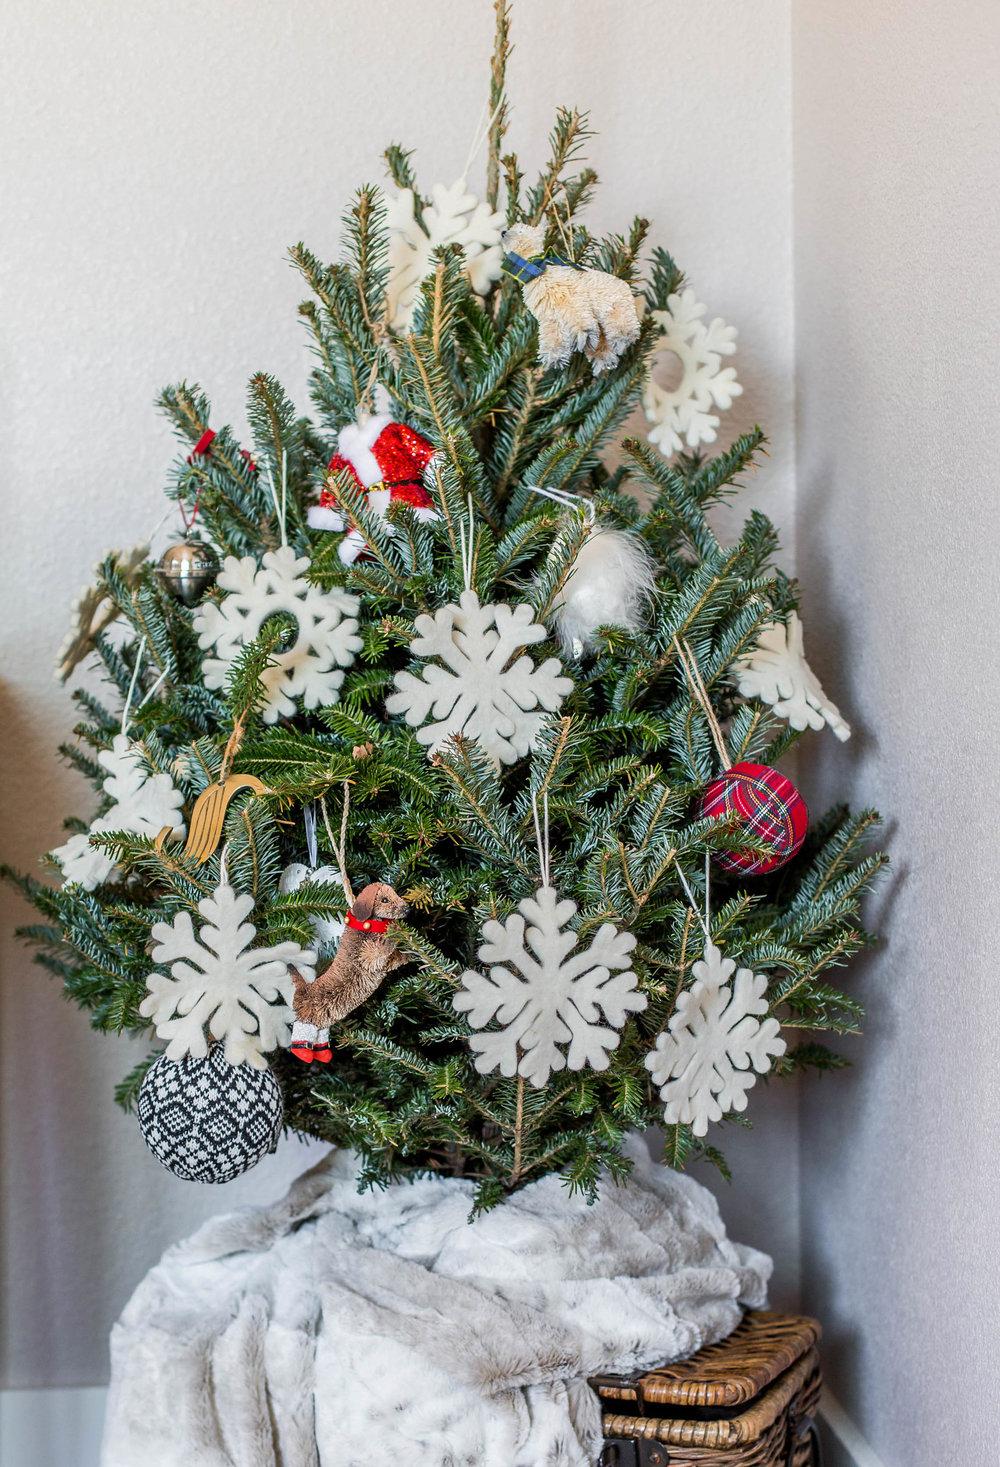 Deborah-Christmas-41.jpg